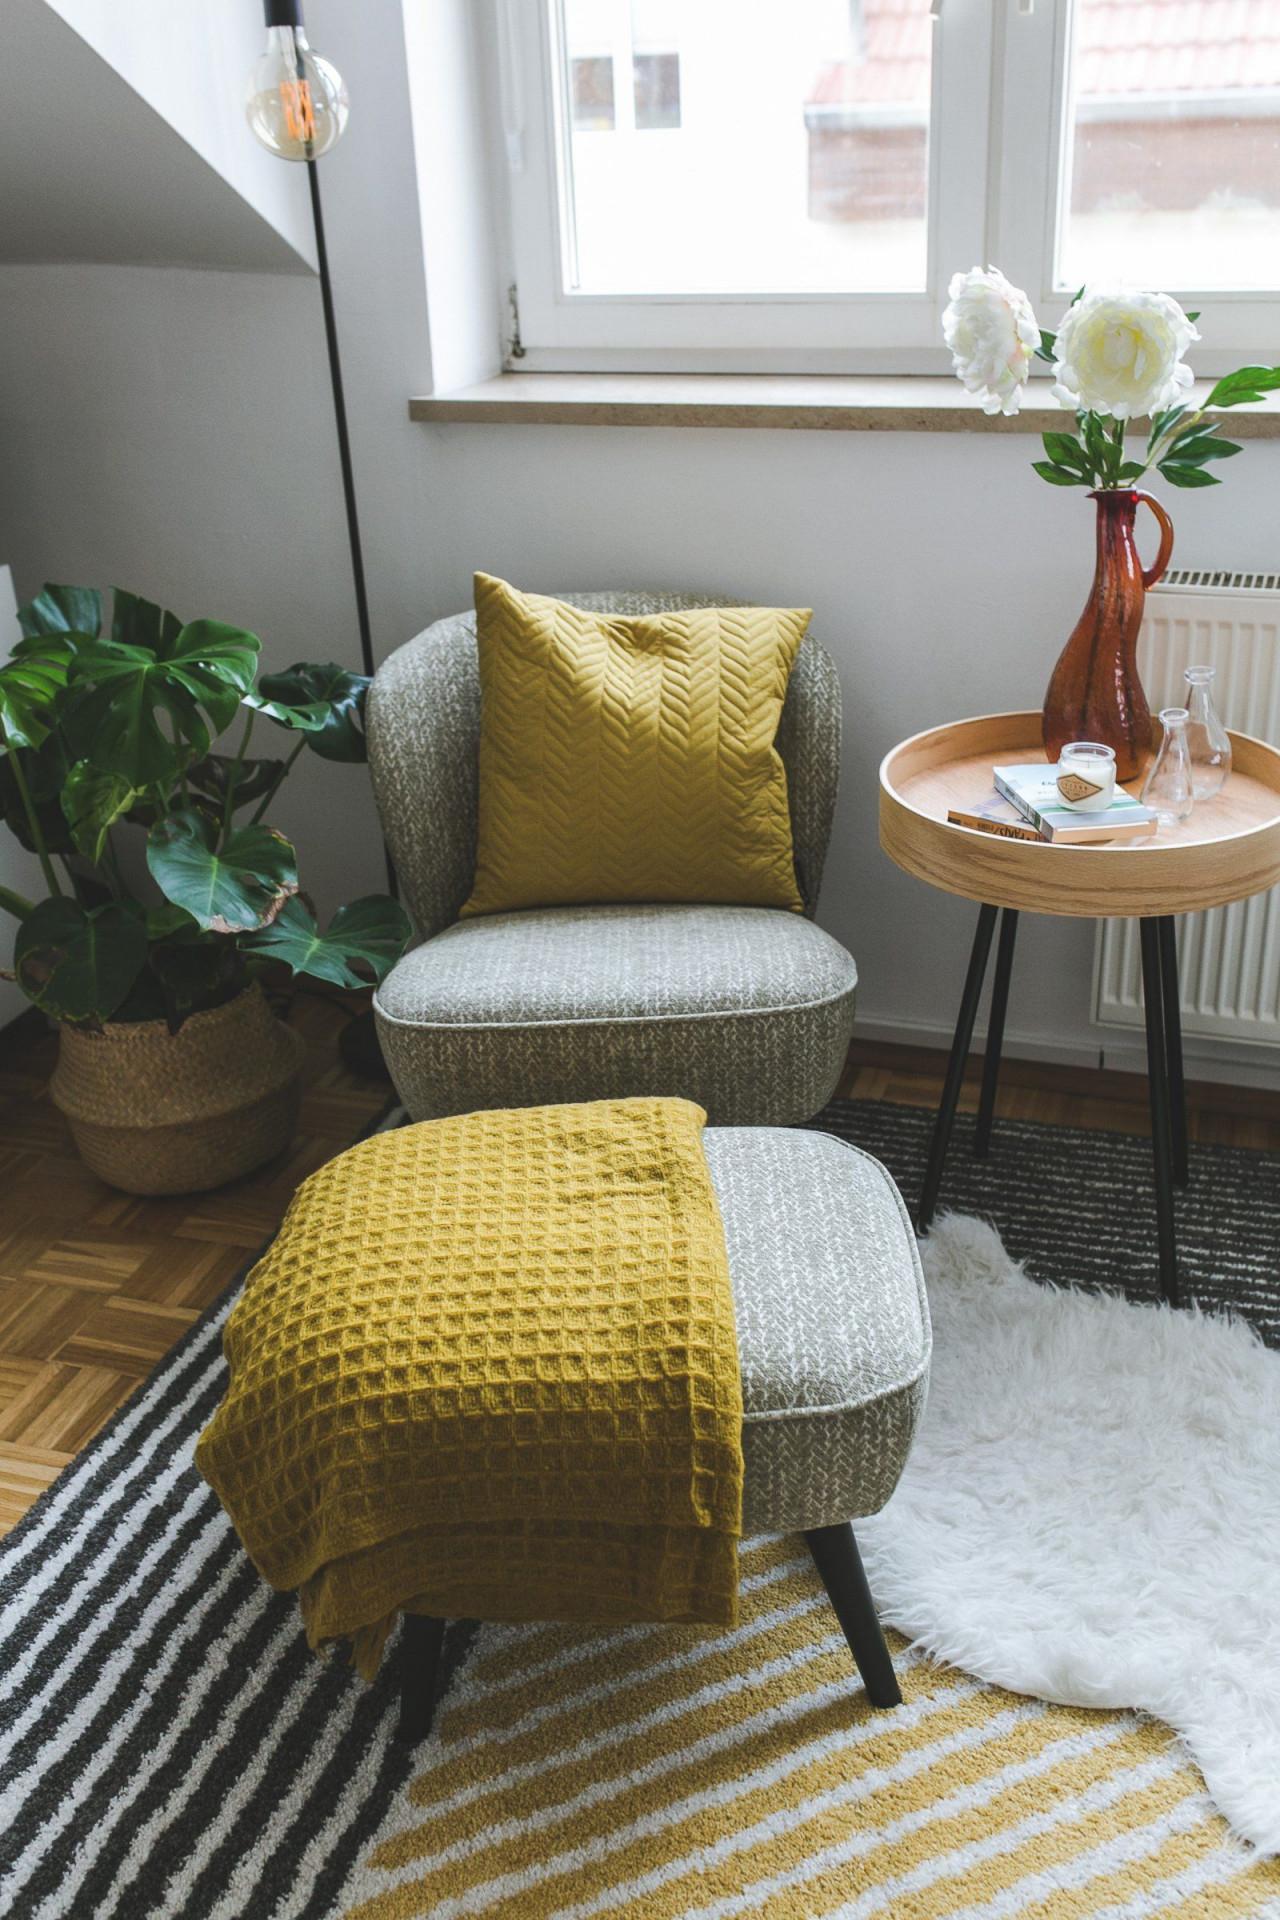 Meine Leseecke Im Home Office  Ein Ort Zum Entspannen Und von Leseecke Einrichten Wohnzimmer Photo